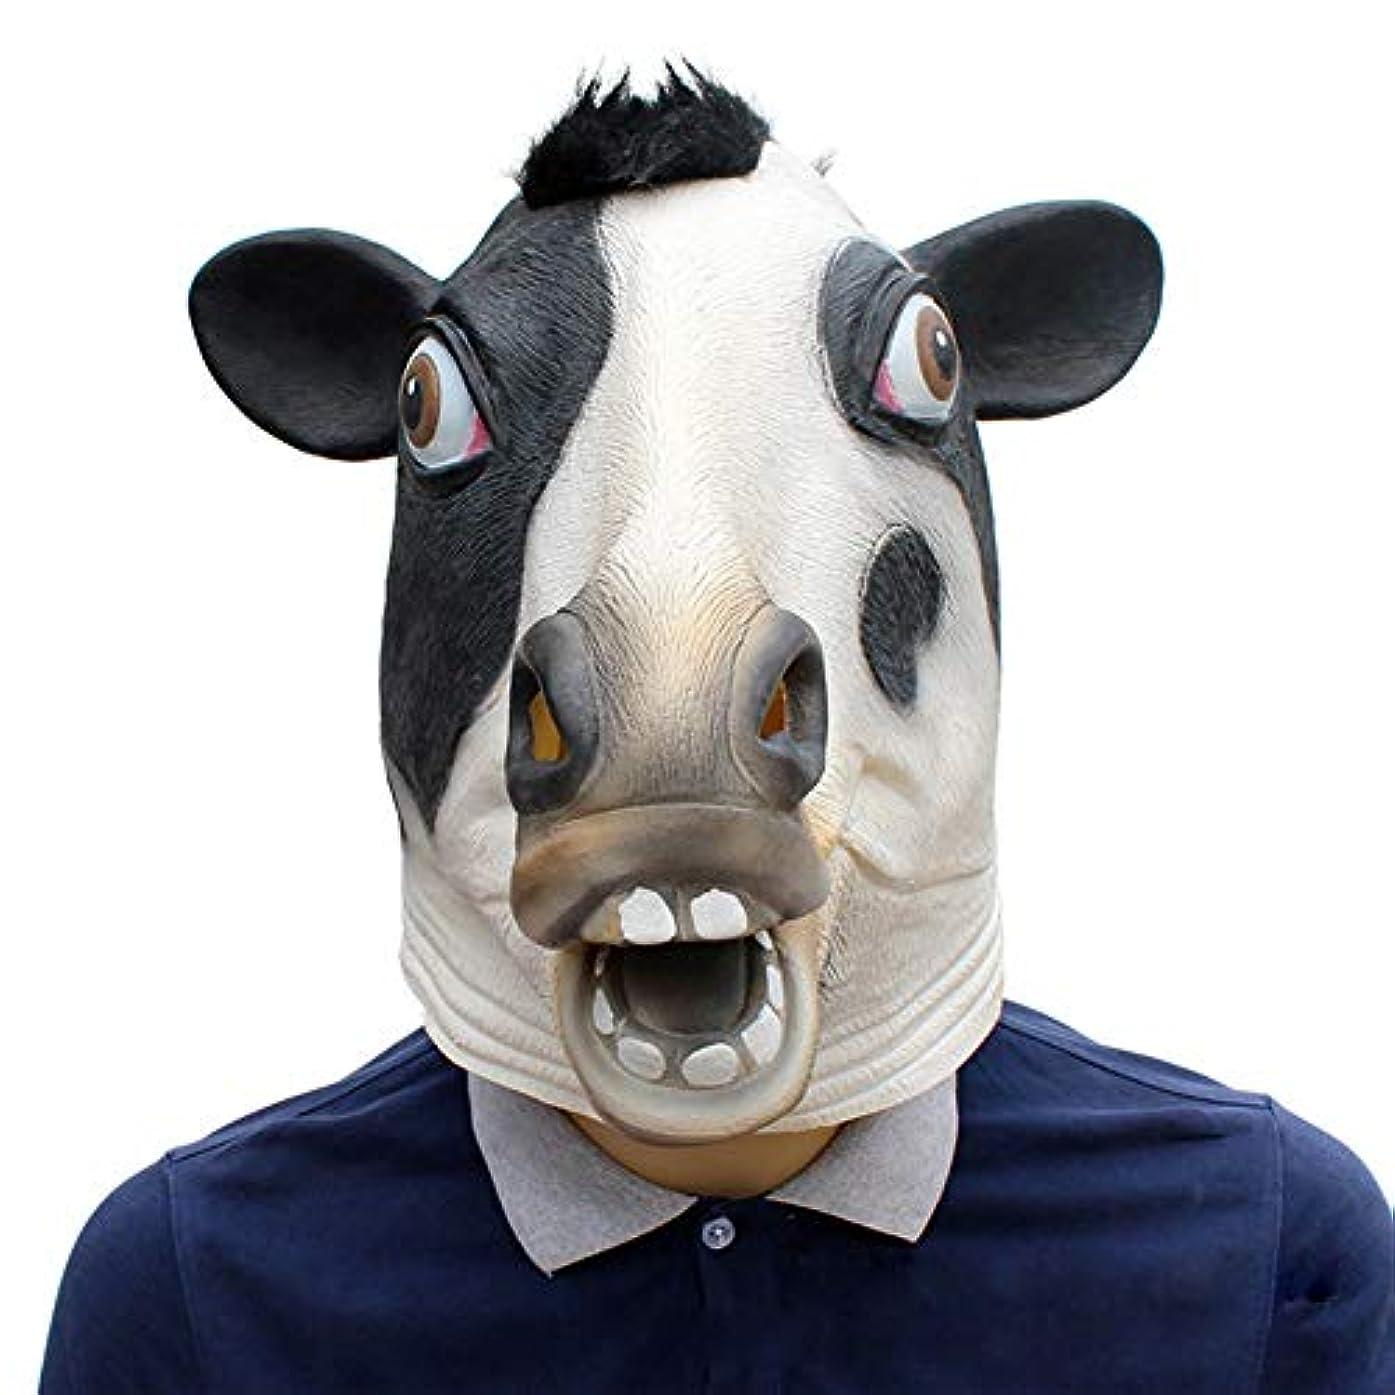 トーナメント活気づけるシアーハロウィーンマスク、牛ラテックスマスク、ハロウィーン、テーマパーティー、カーニバル、レイブパーティー、バー、小道具、映画。